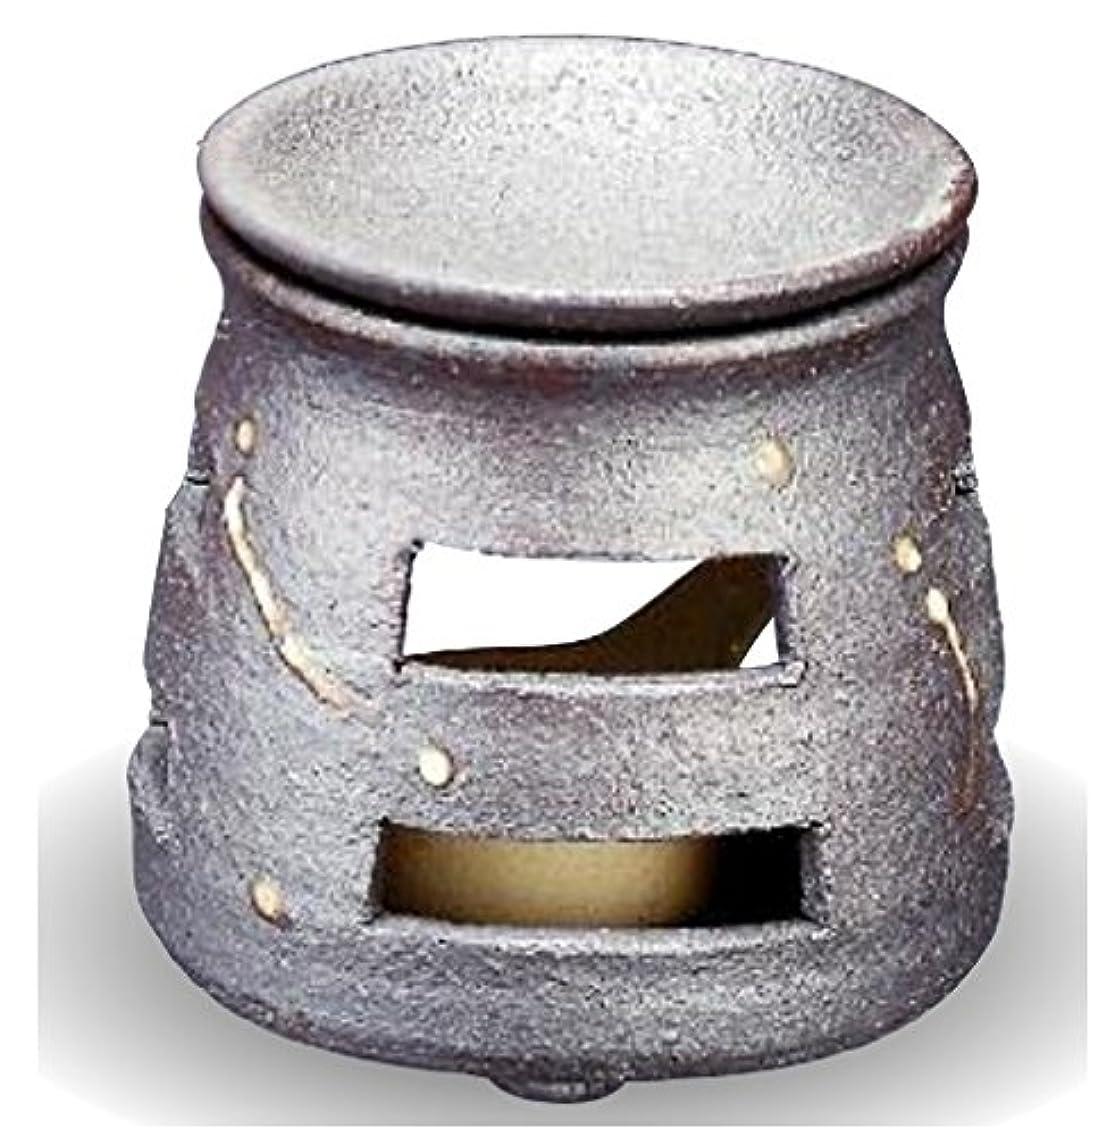 避けられない召集する時々時々常滑焼 茶香炉(アロマポット)径9×高さ10cm